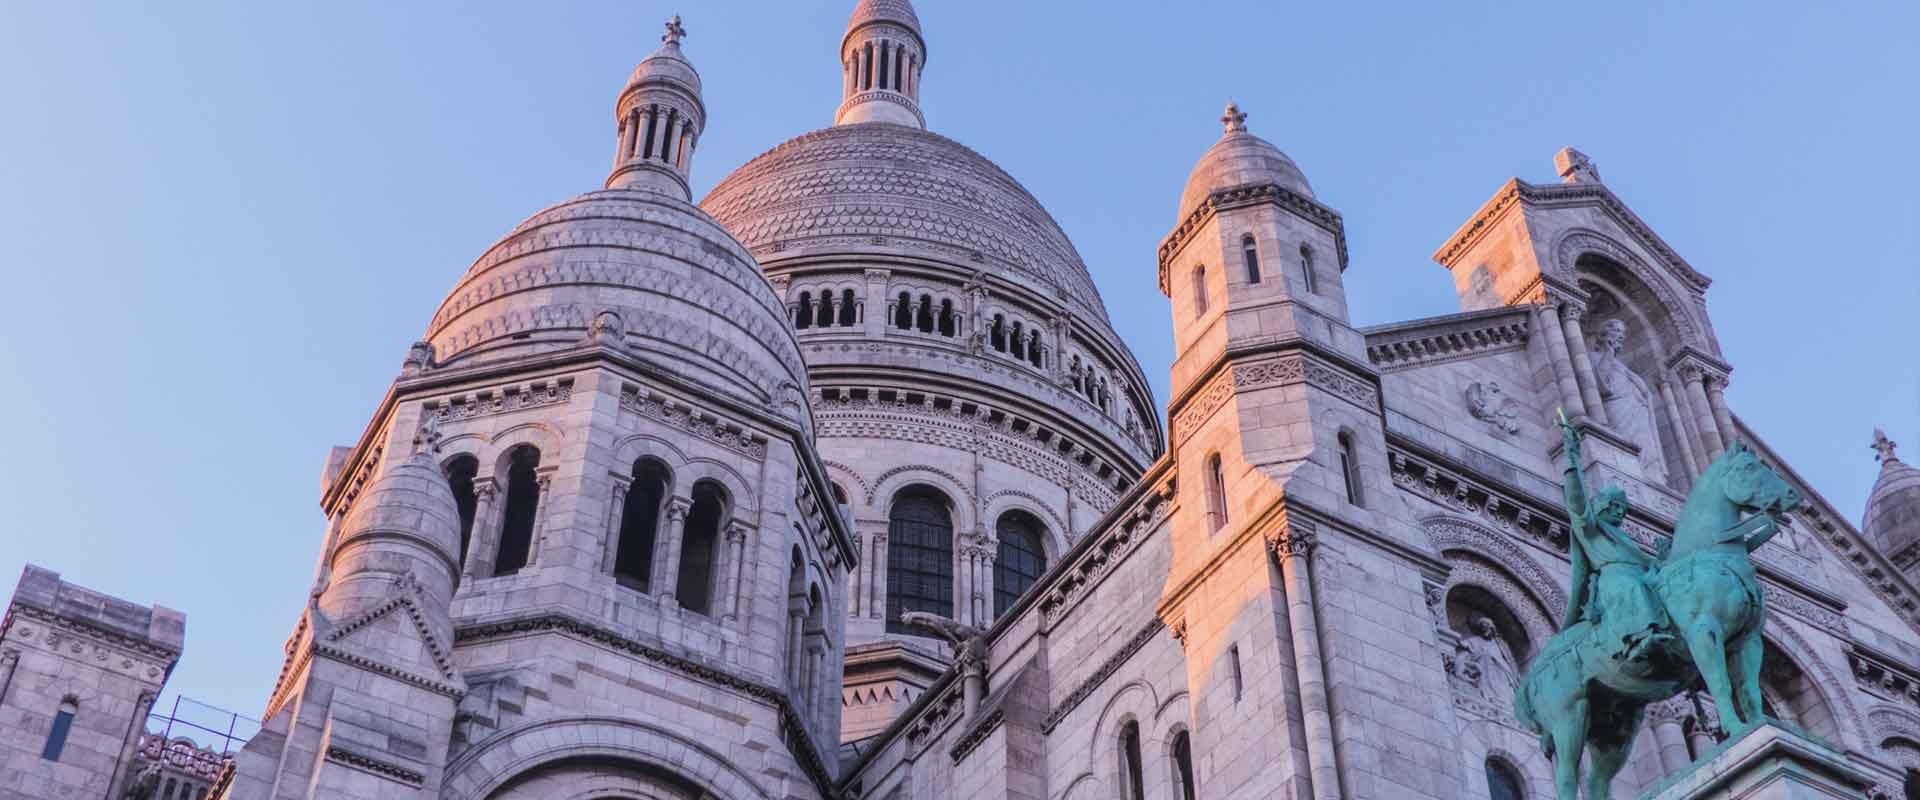 Paris du 15 au 18/12 : Expériences inoubliables !